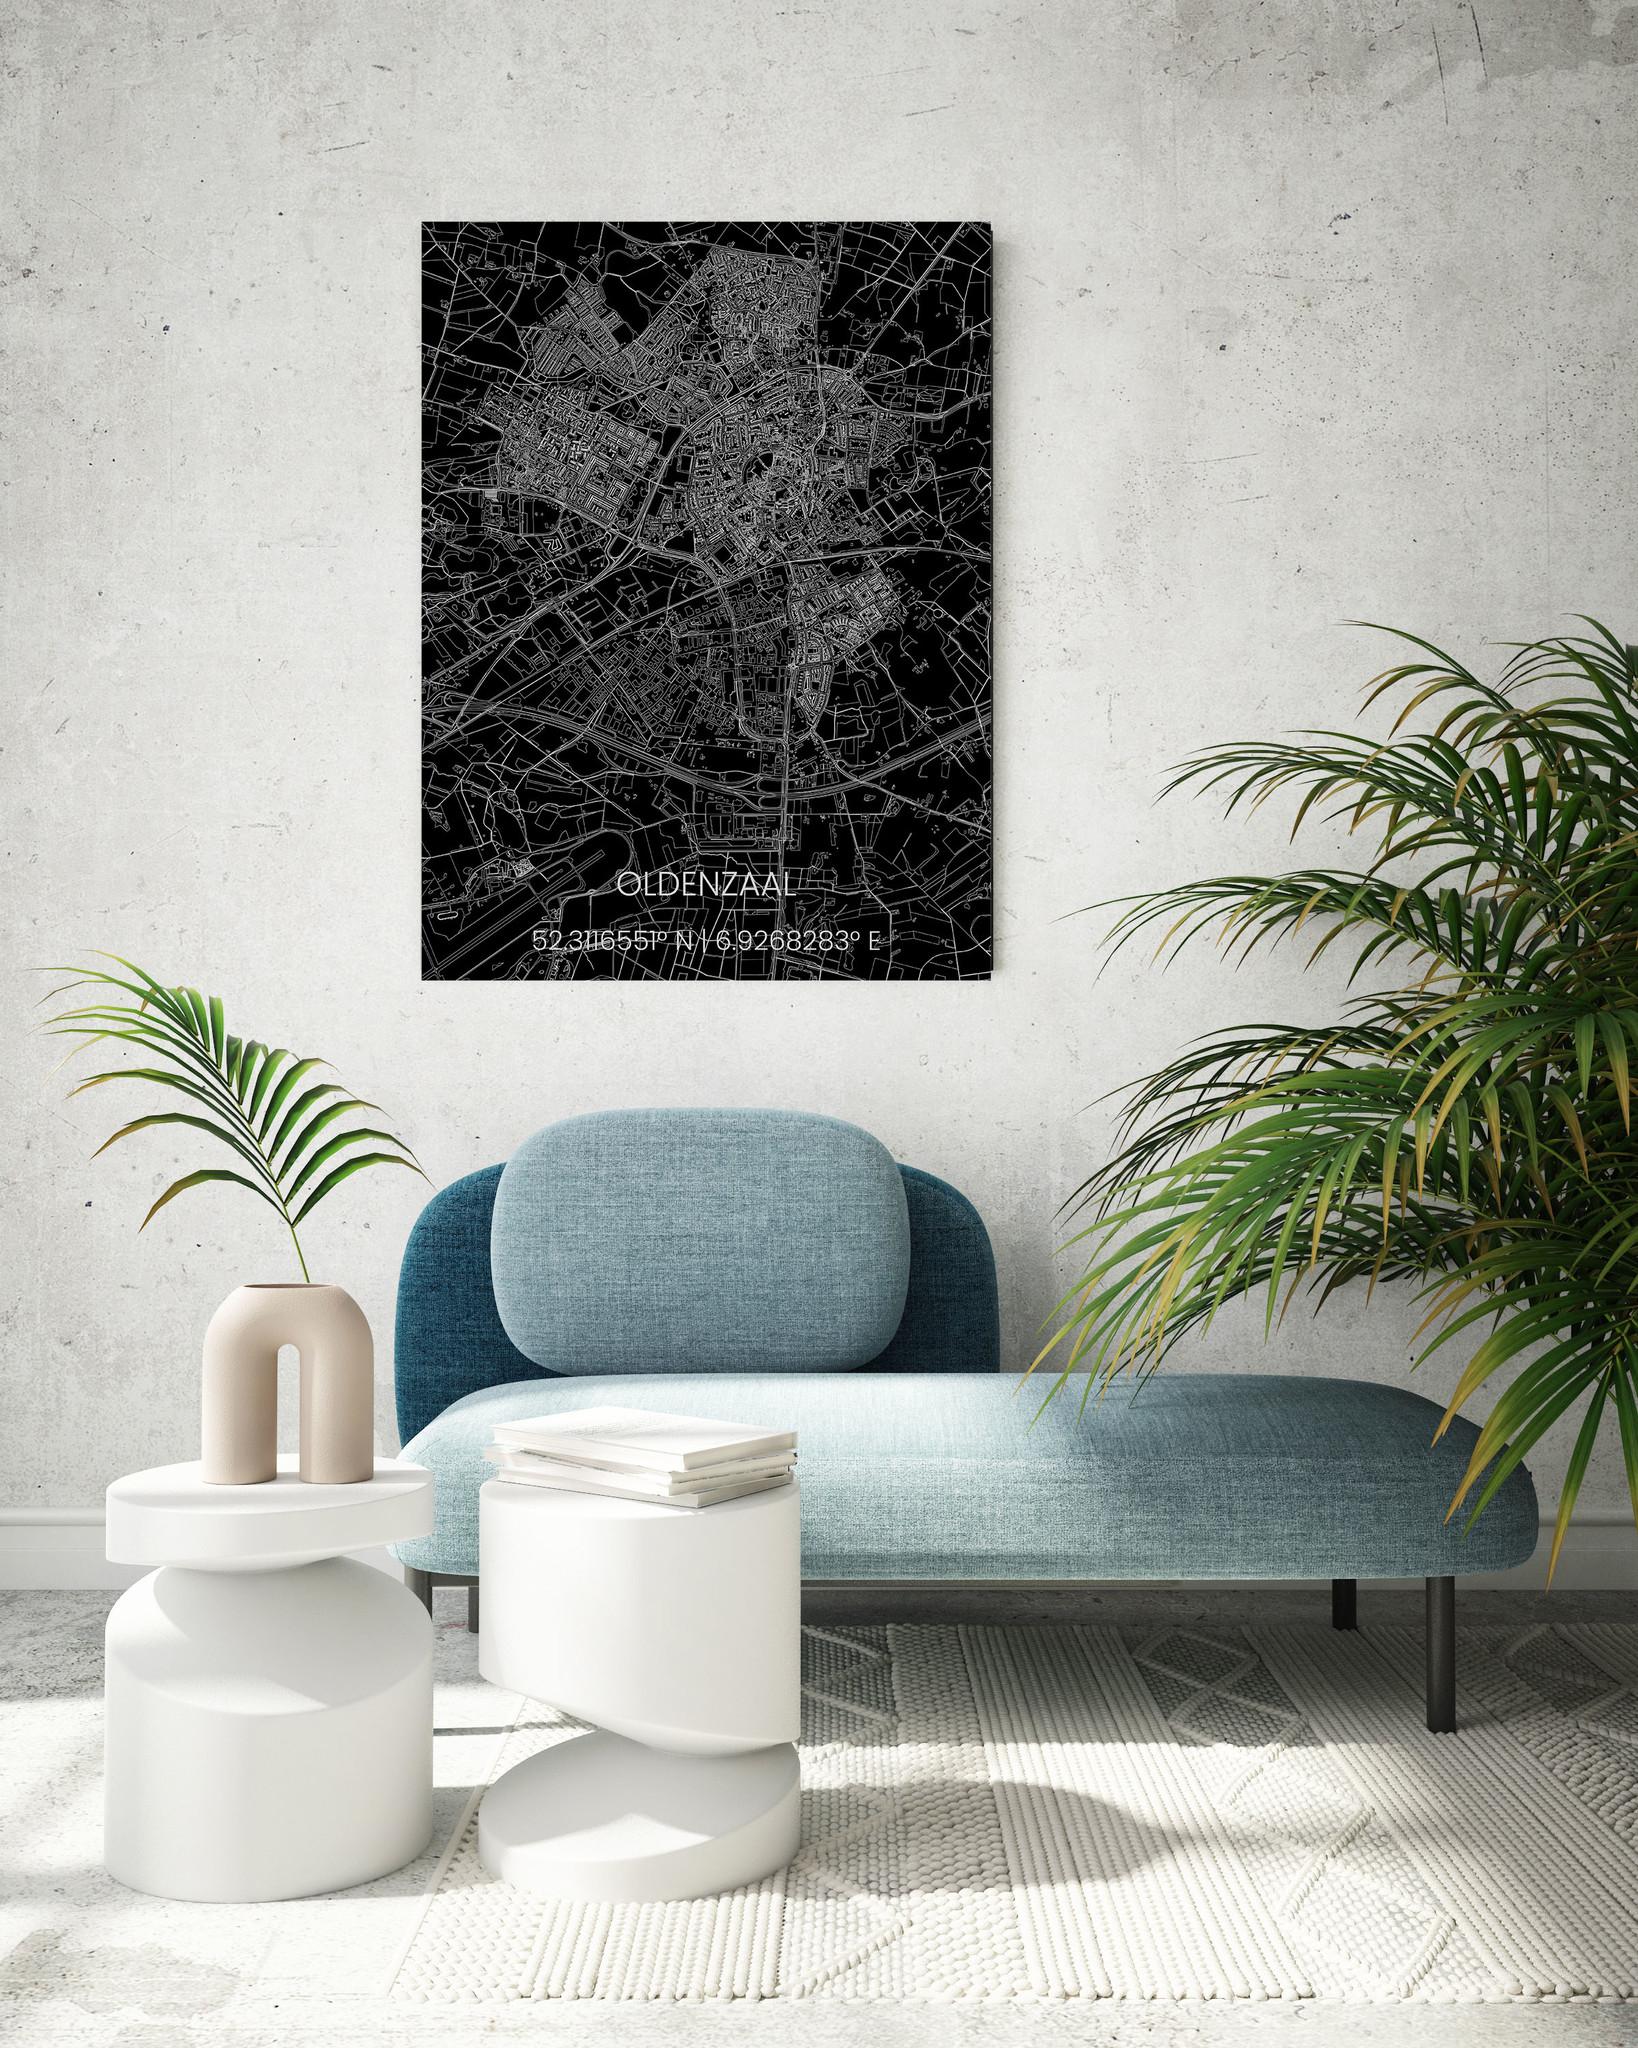 Metalen stadsplattegrond Oldenzaal-2